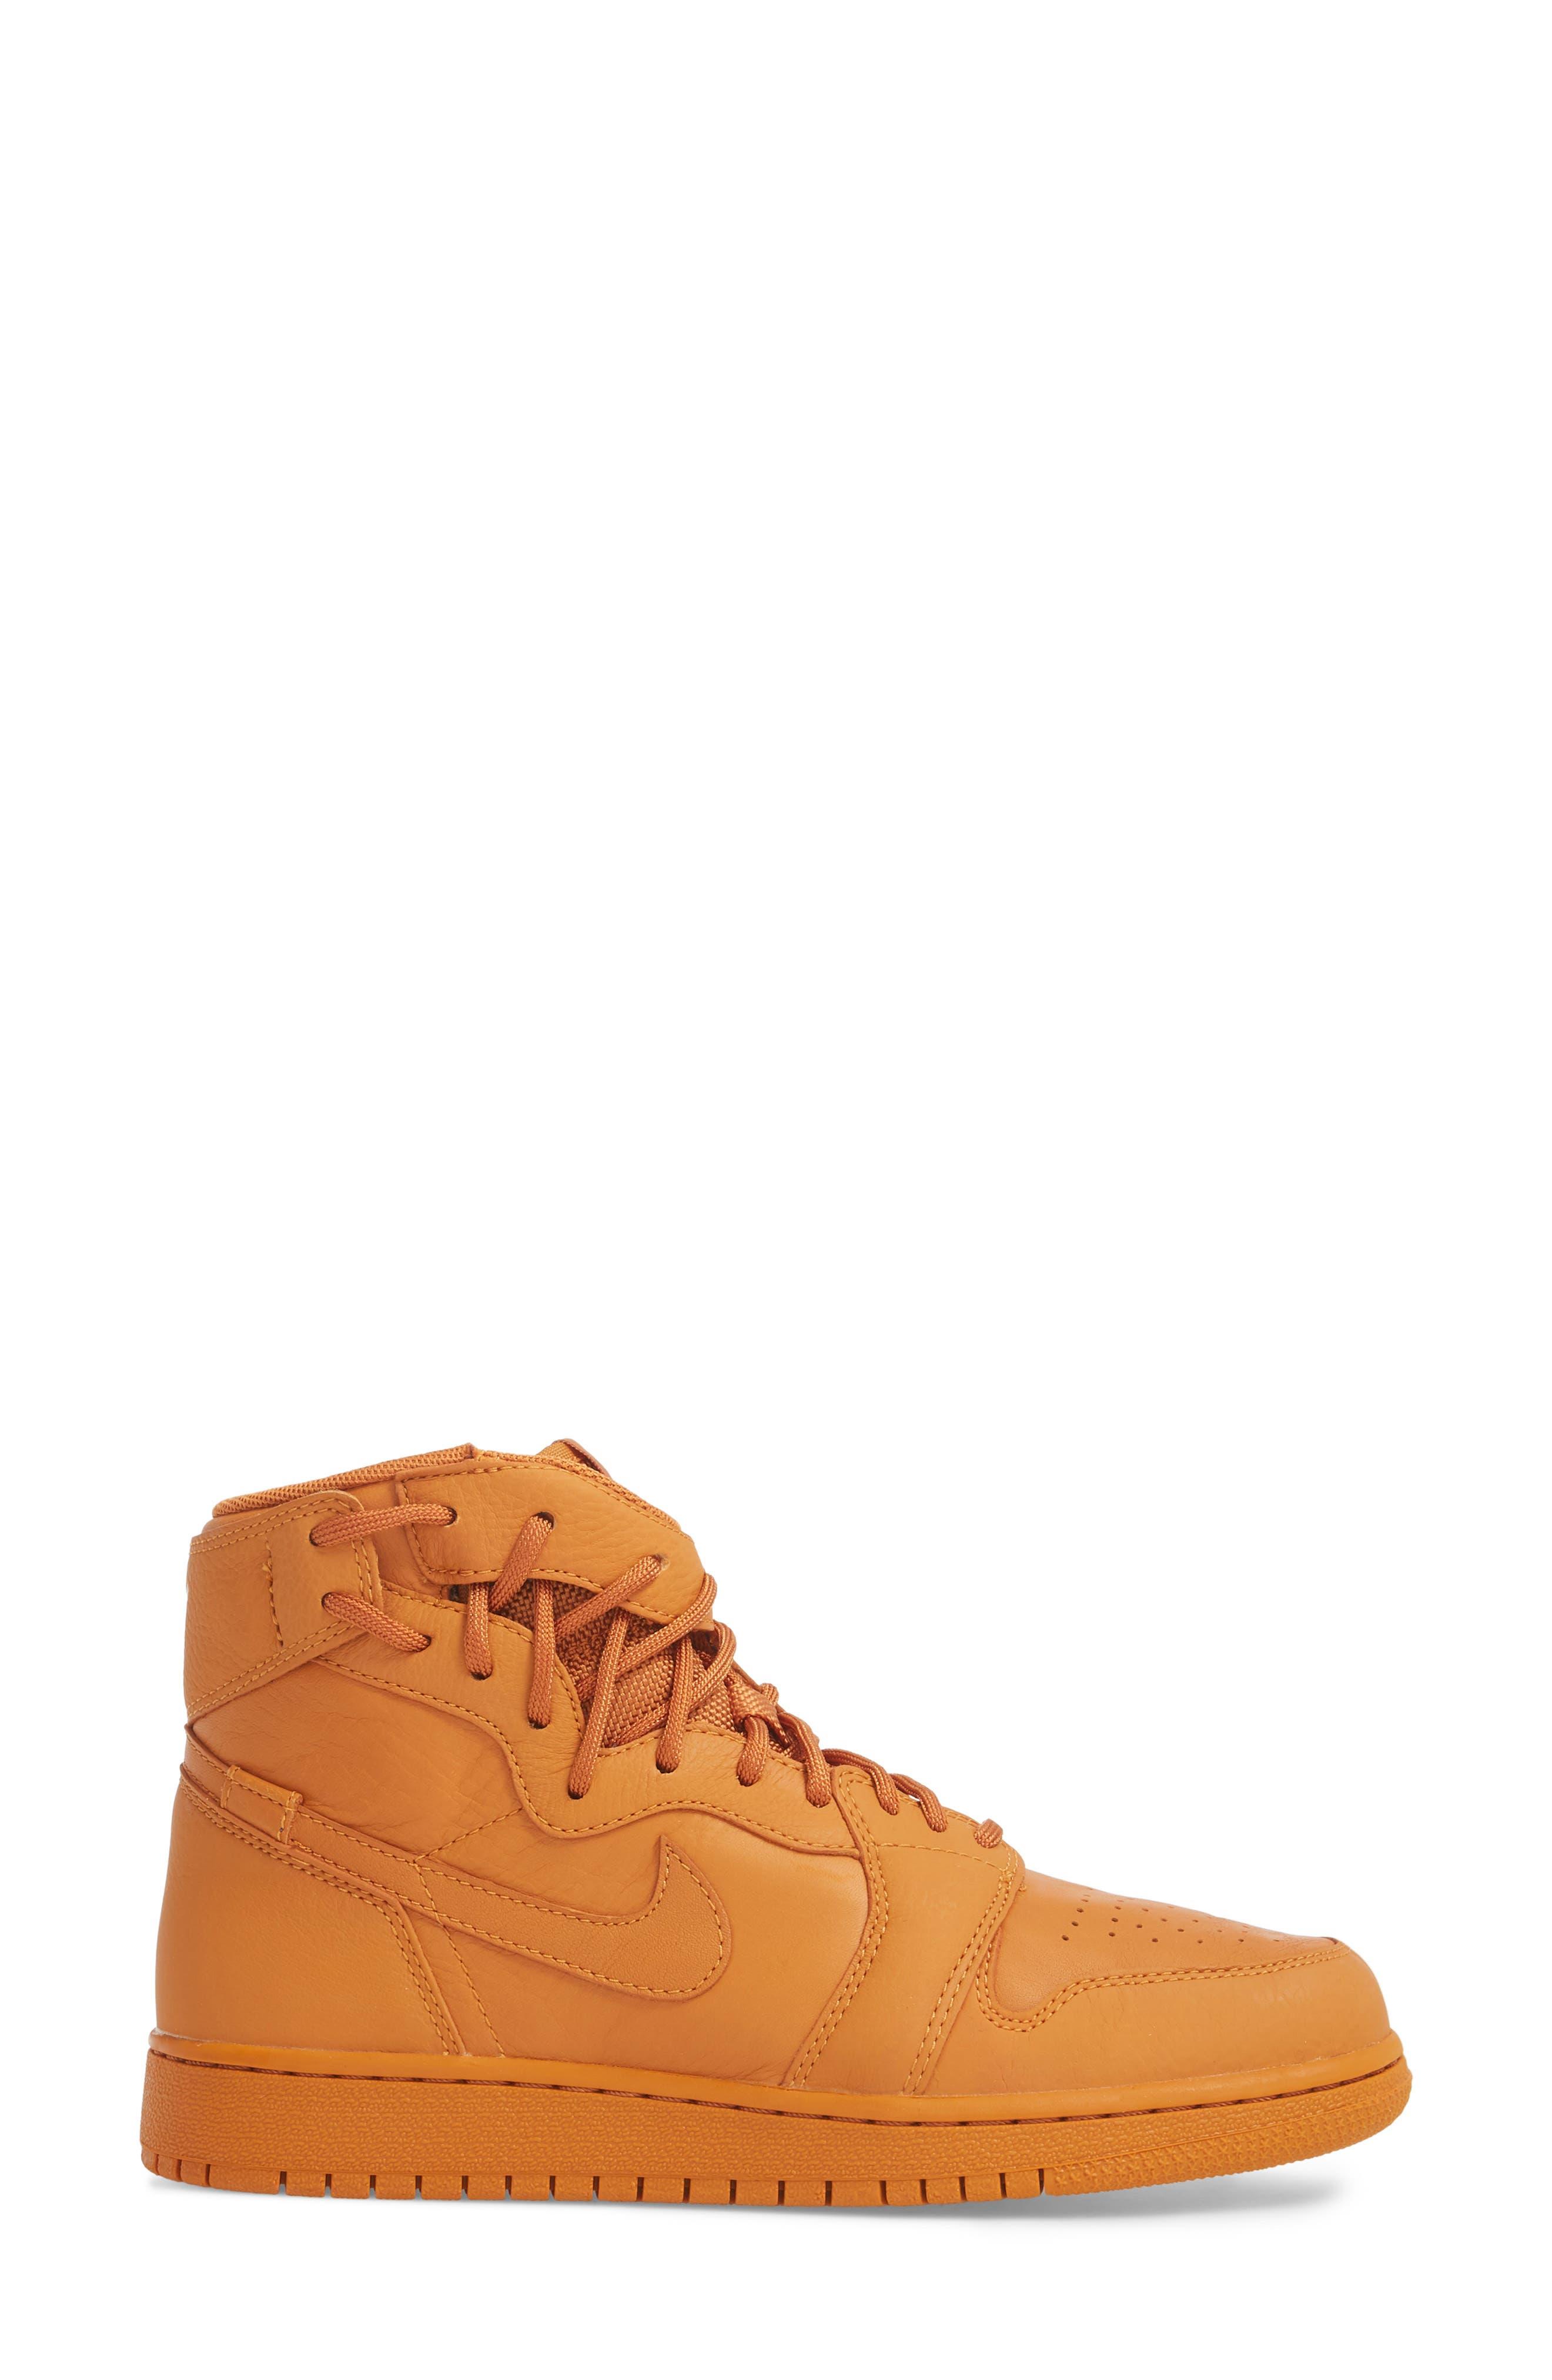 Air Jordan 1 Rebel XX High Top Sneaker,                             Alternate thumbnail 3, color,                             Cinder Orange